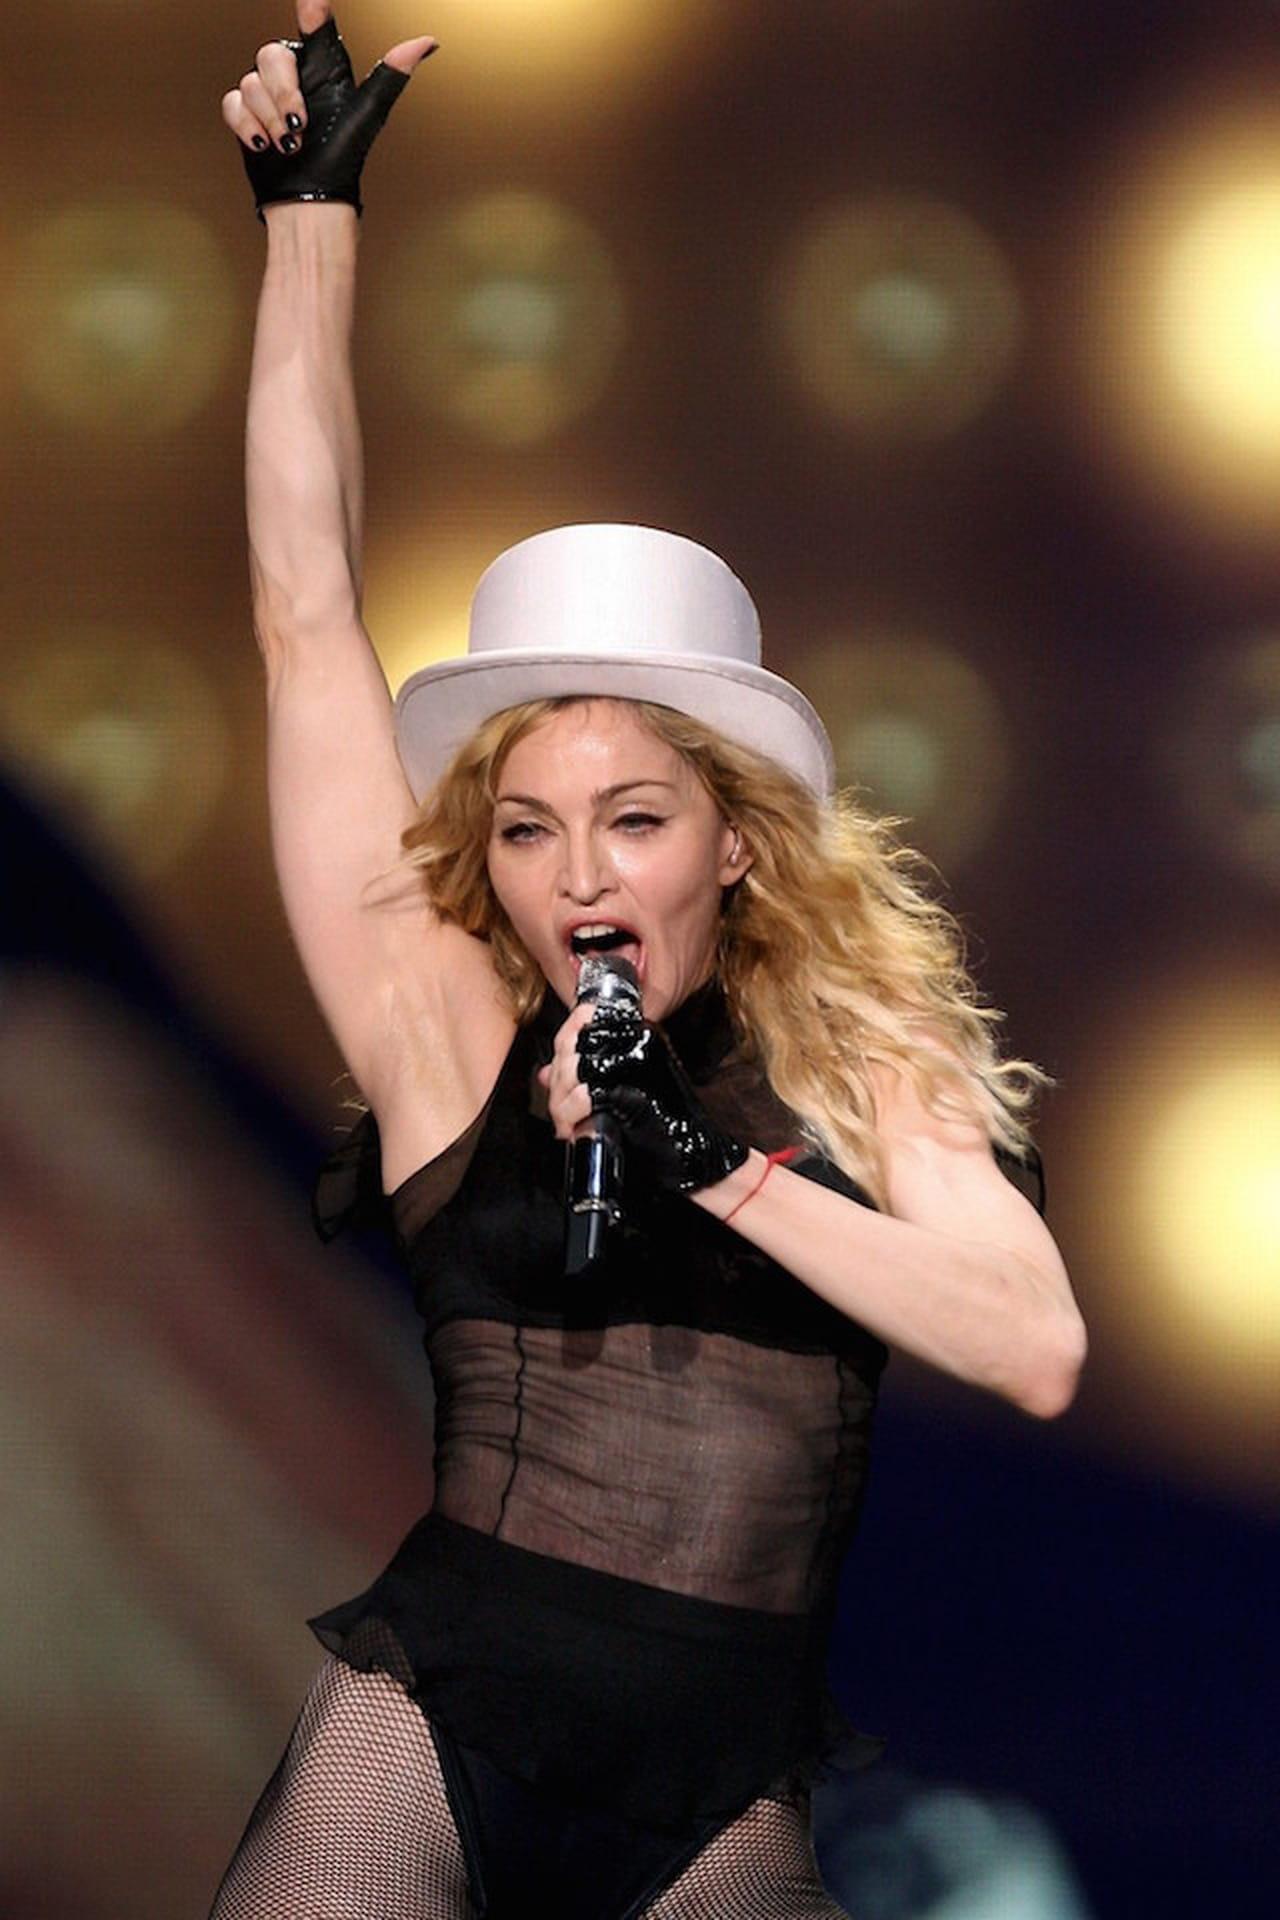 Buon Compleanno Madonna I 57 Anni Di Lady Ciccone